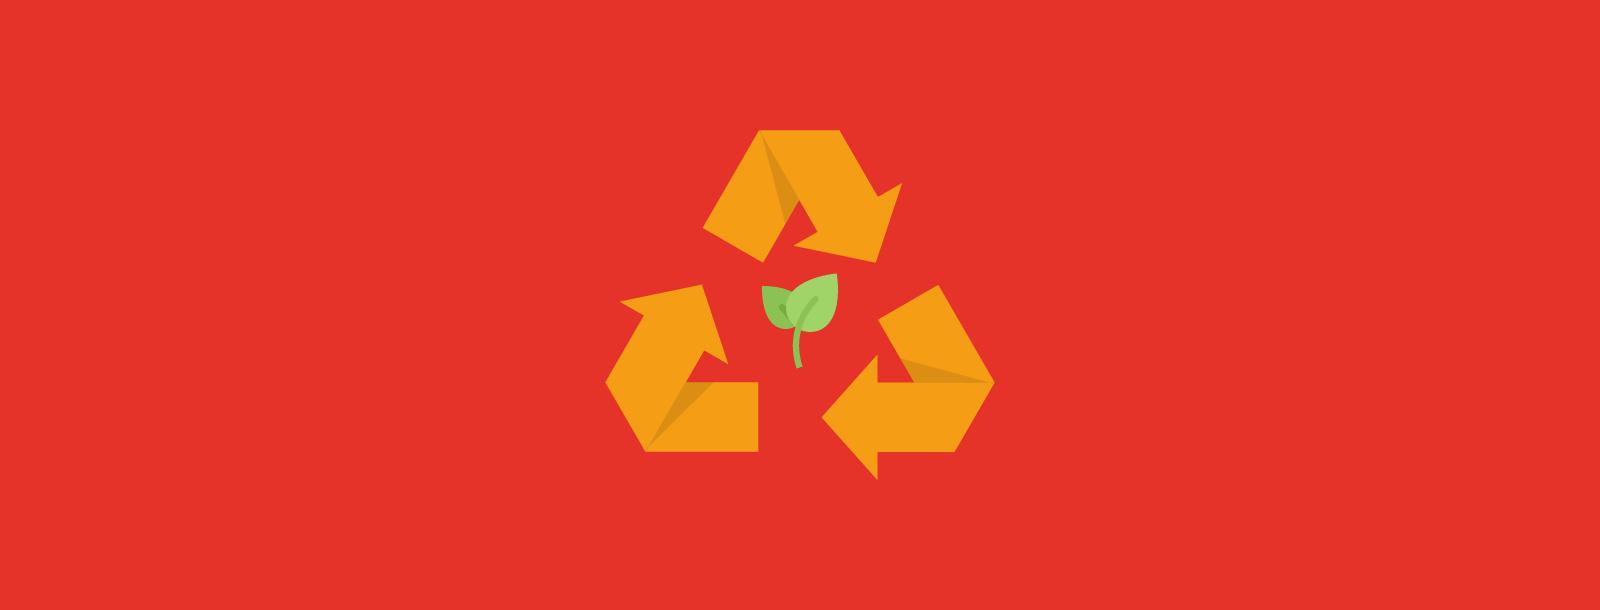 Puropellet: Una energía limpia, barata y renovable para los hogares de Talca